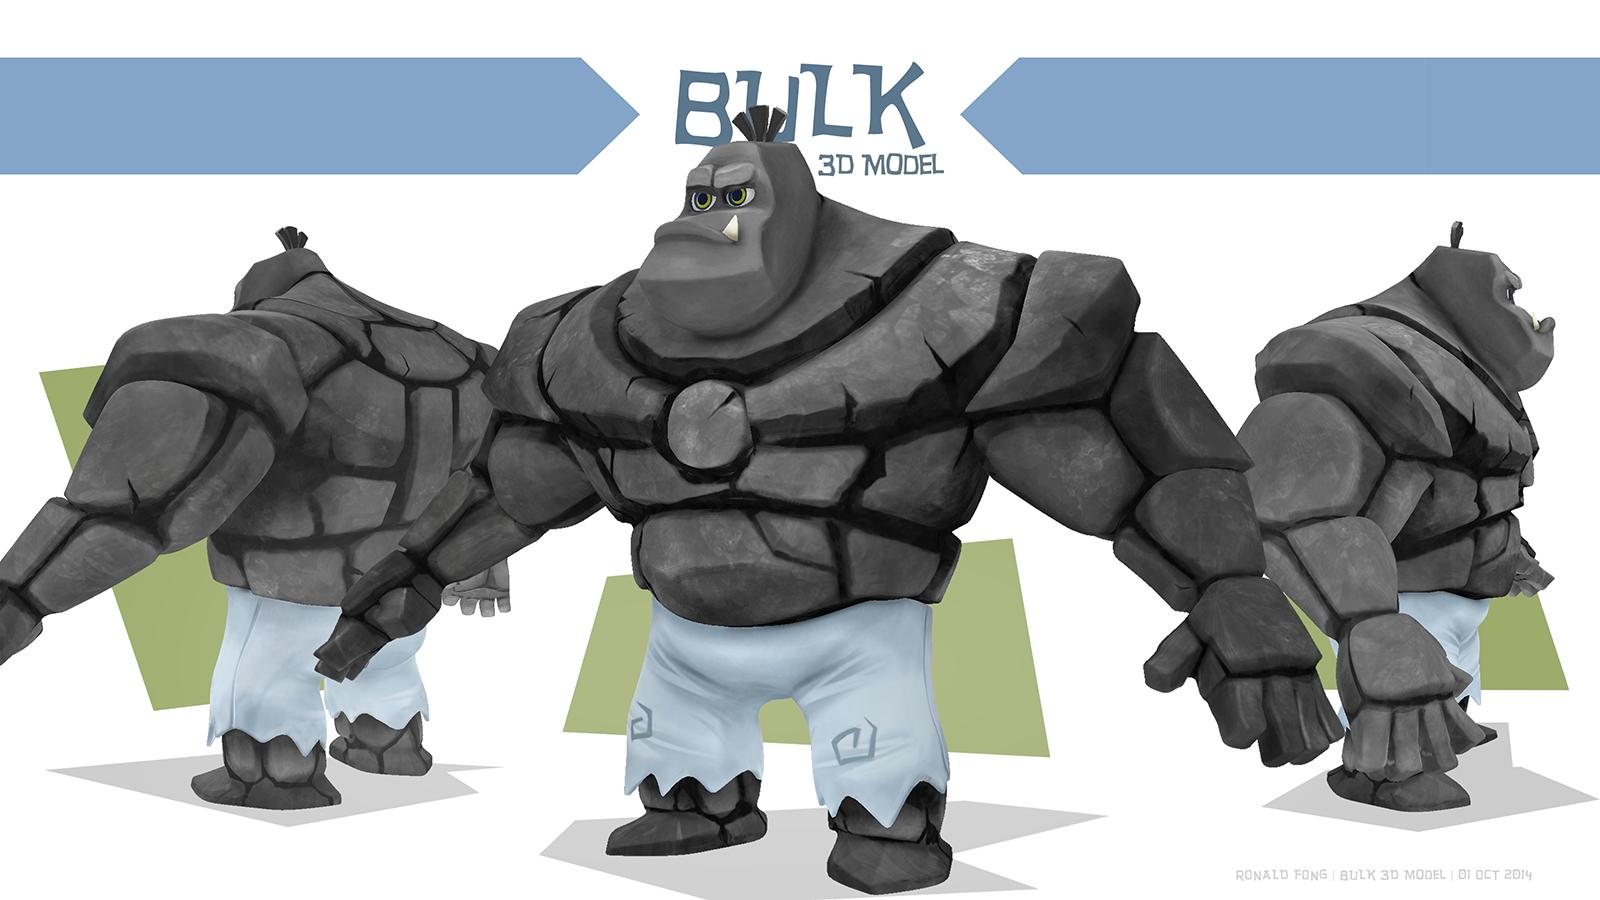 Bulk 3D Model